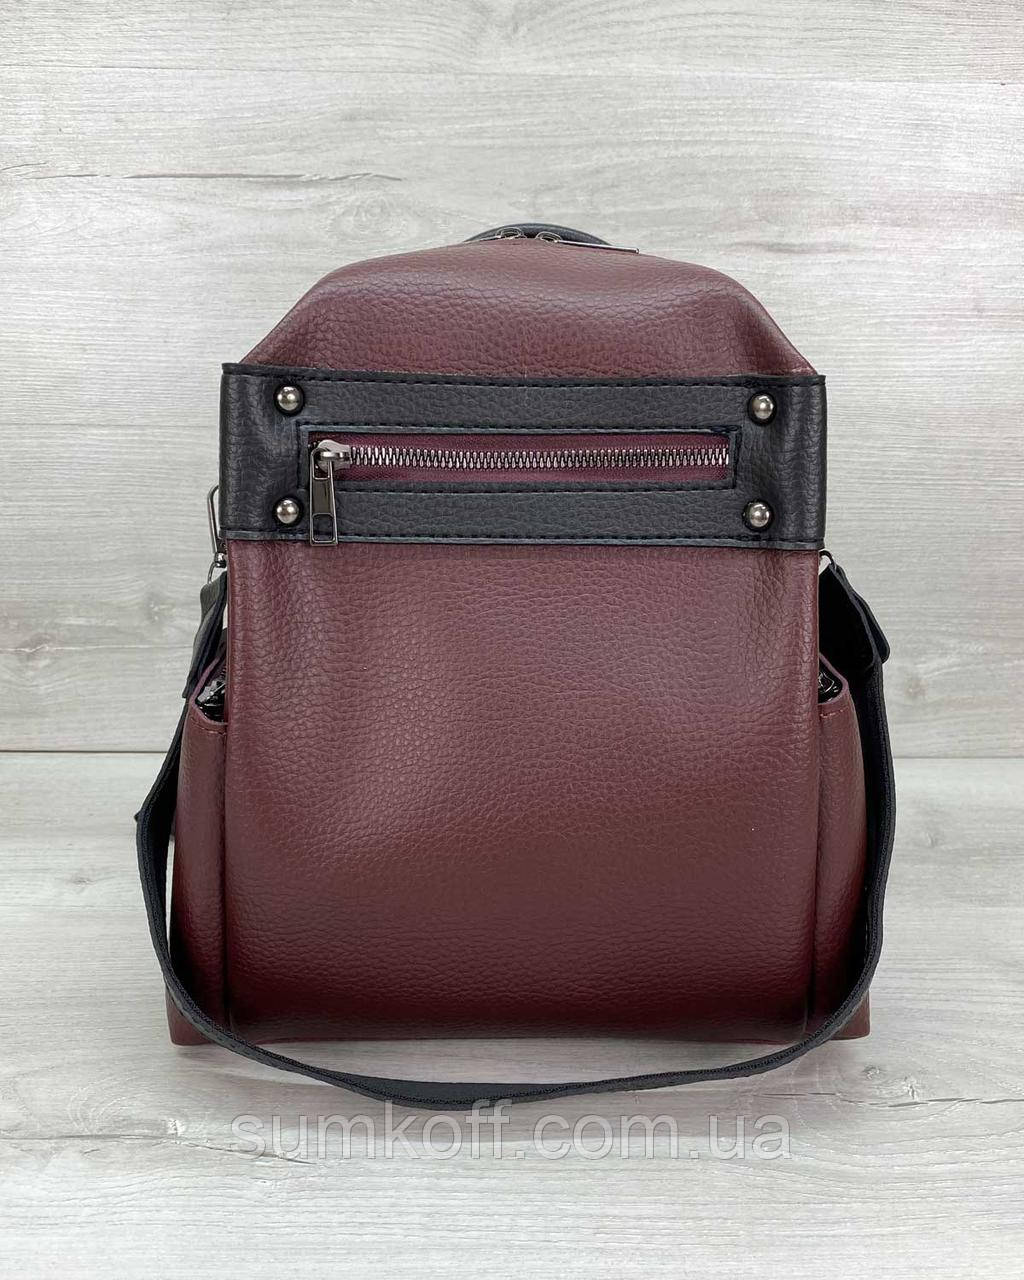 Бордовая женская сумка-рюкзак 463 на плечо трансформер с длинной ручкой и карманом